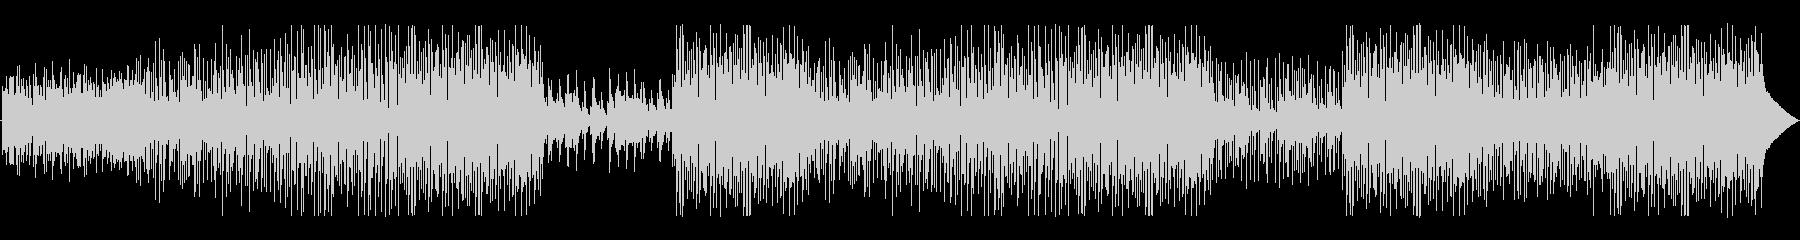 モダンなグルーヴに伝統的なジャズの...の未再生の波形